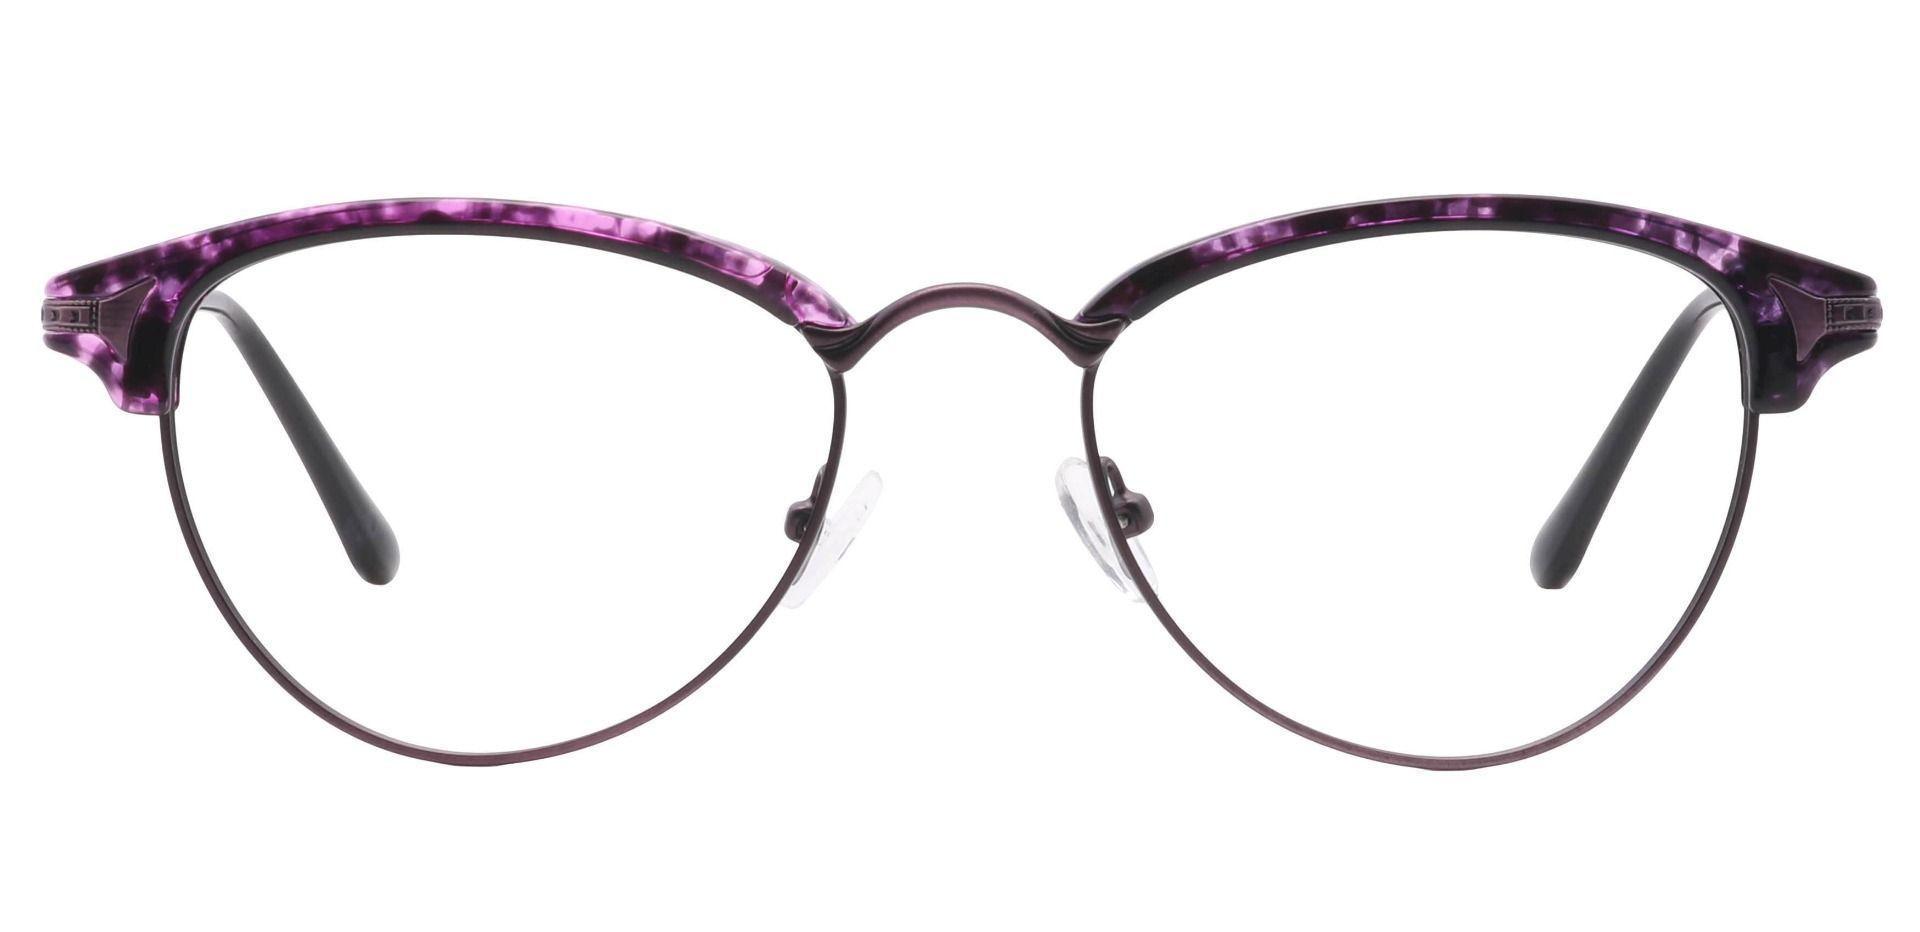 Monaco Browline Prescription Glasses - Purple